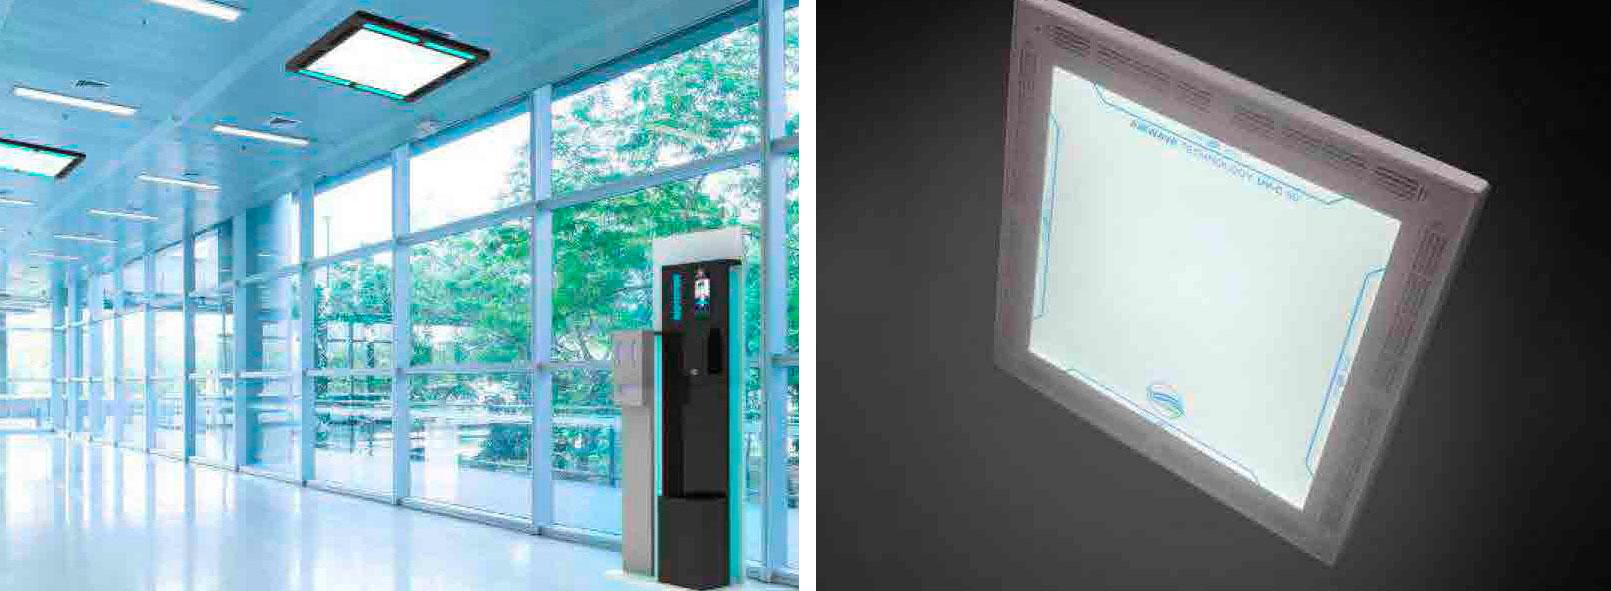 Sanificare con la luce: ecco la nostra nuova lampada UV-C